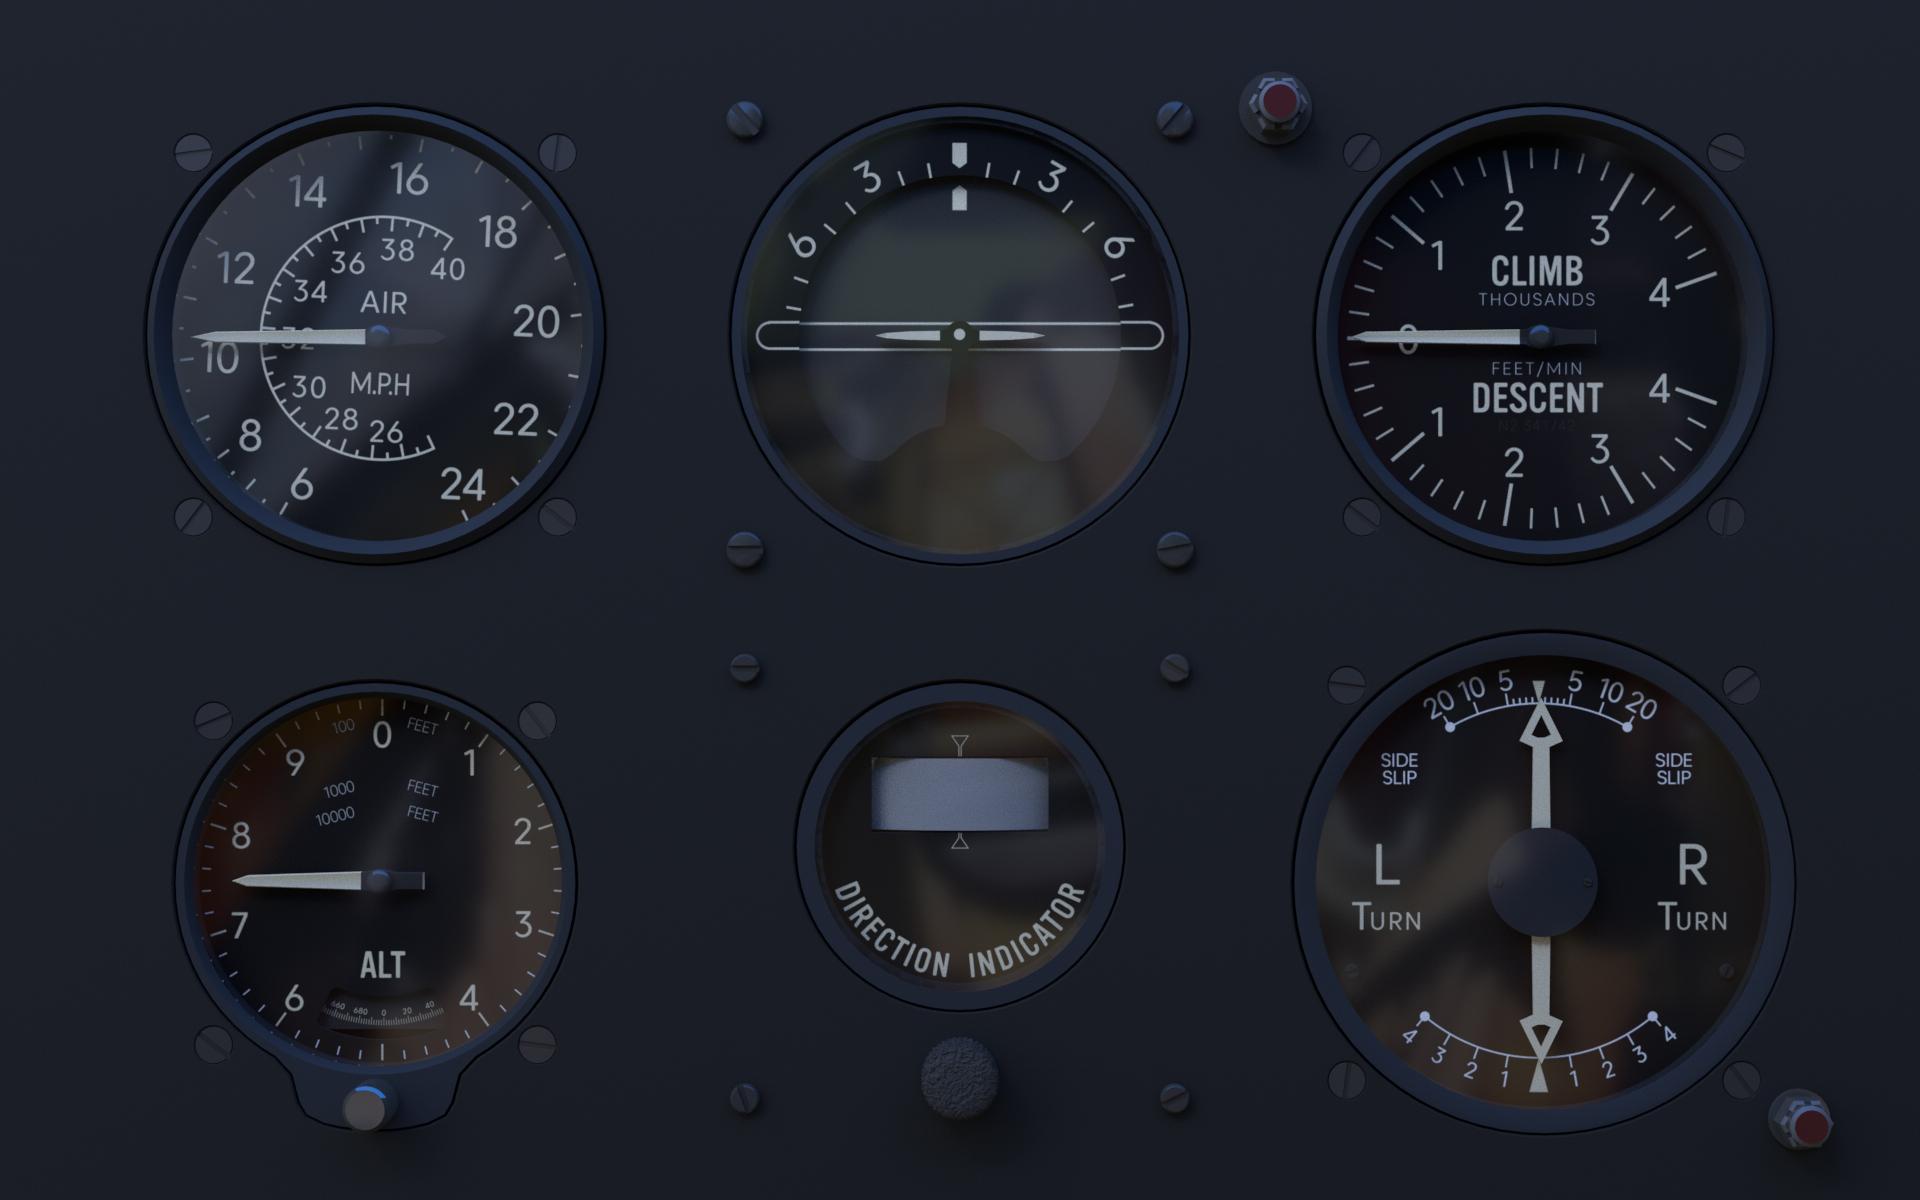 CG Cockpit Dials